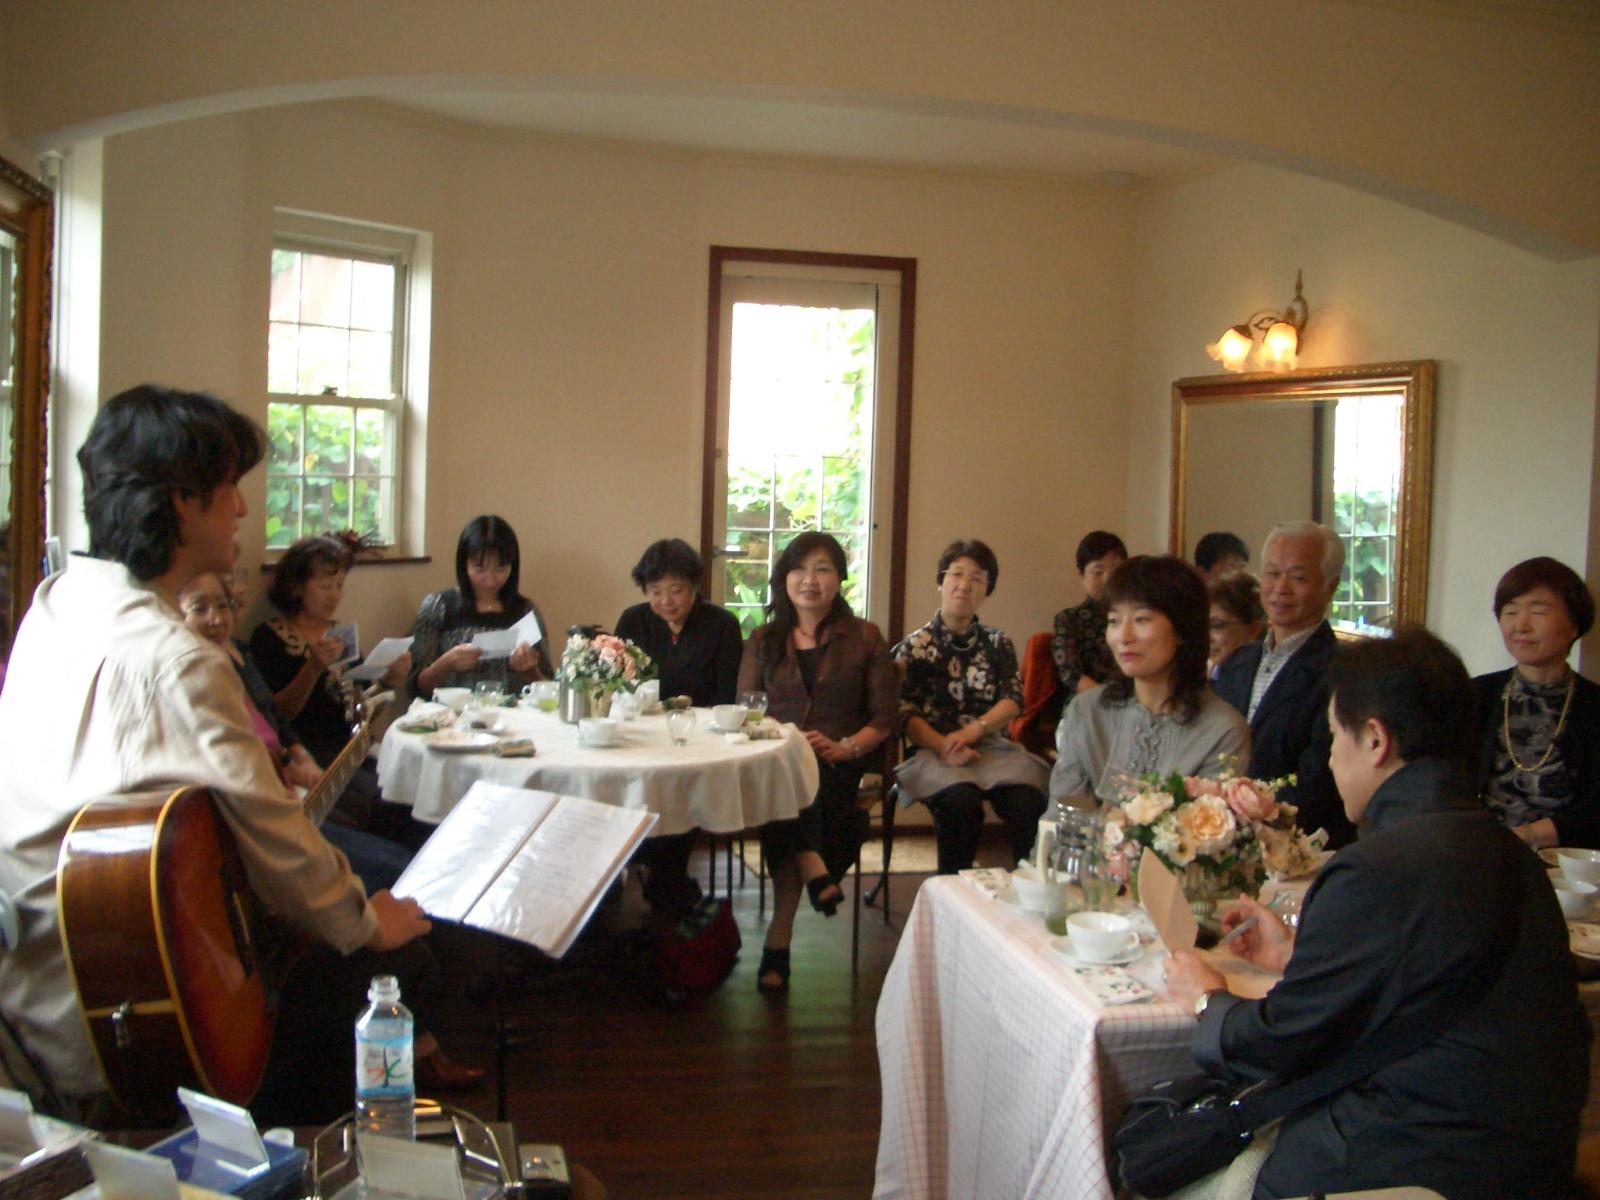 2007年10月29日(月)てつろうさんランチサロンコンサート